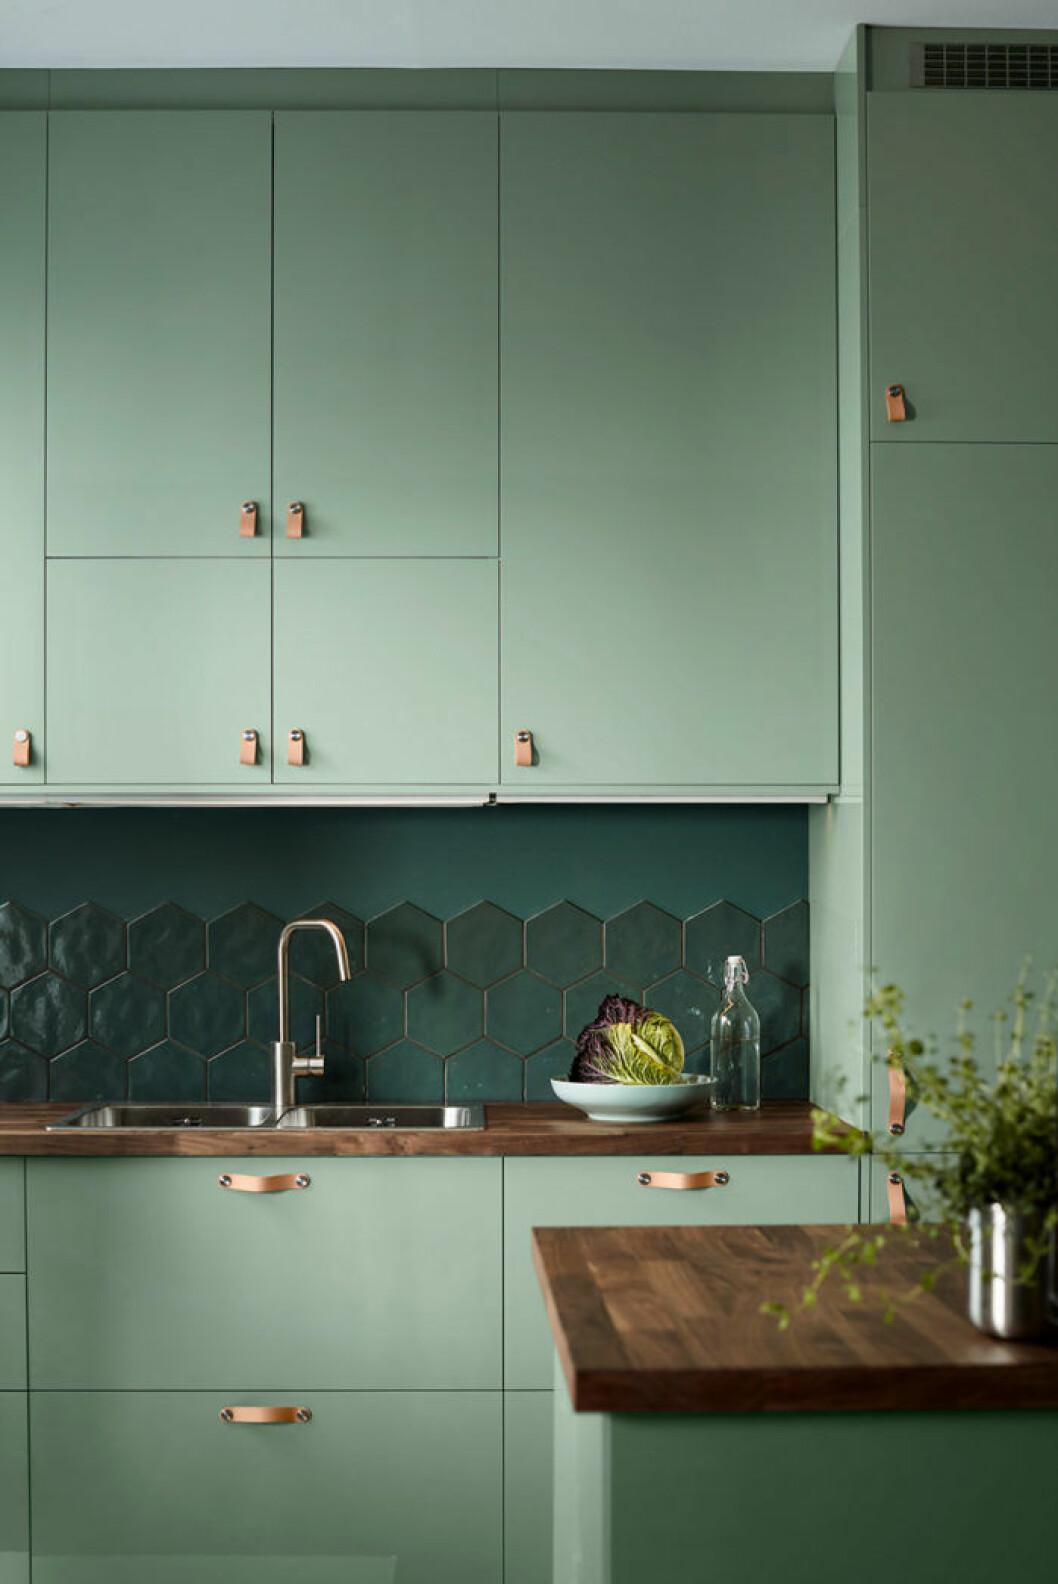 Ikea-katalogen 2019 grönt kök